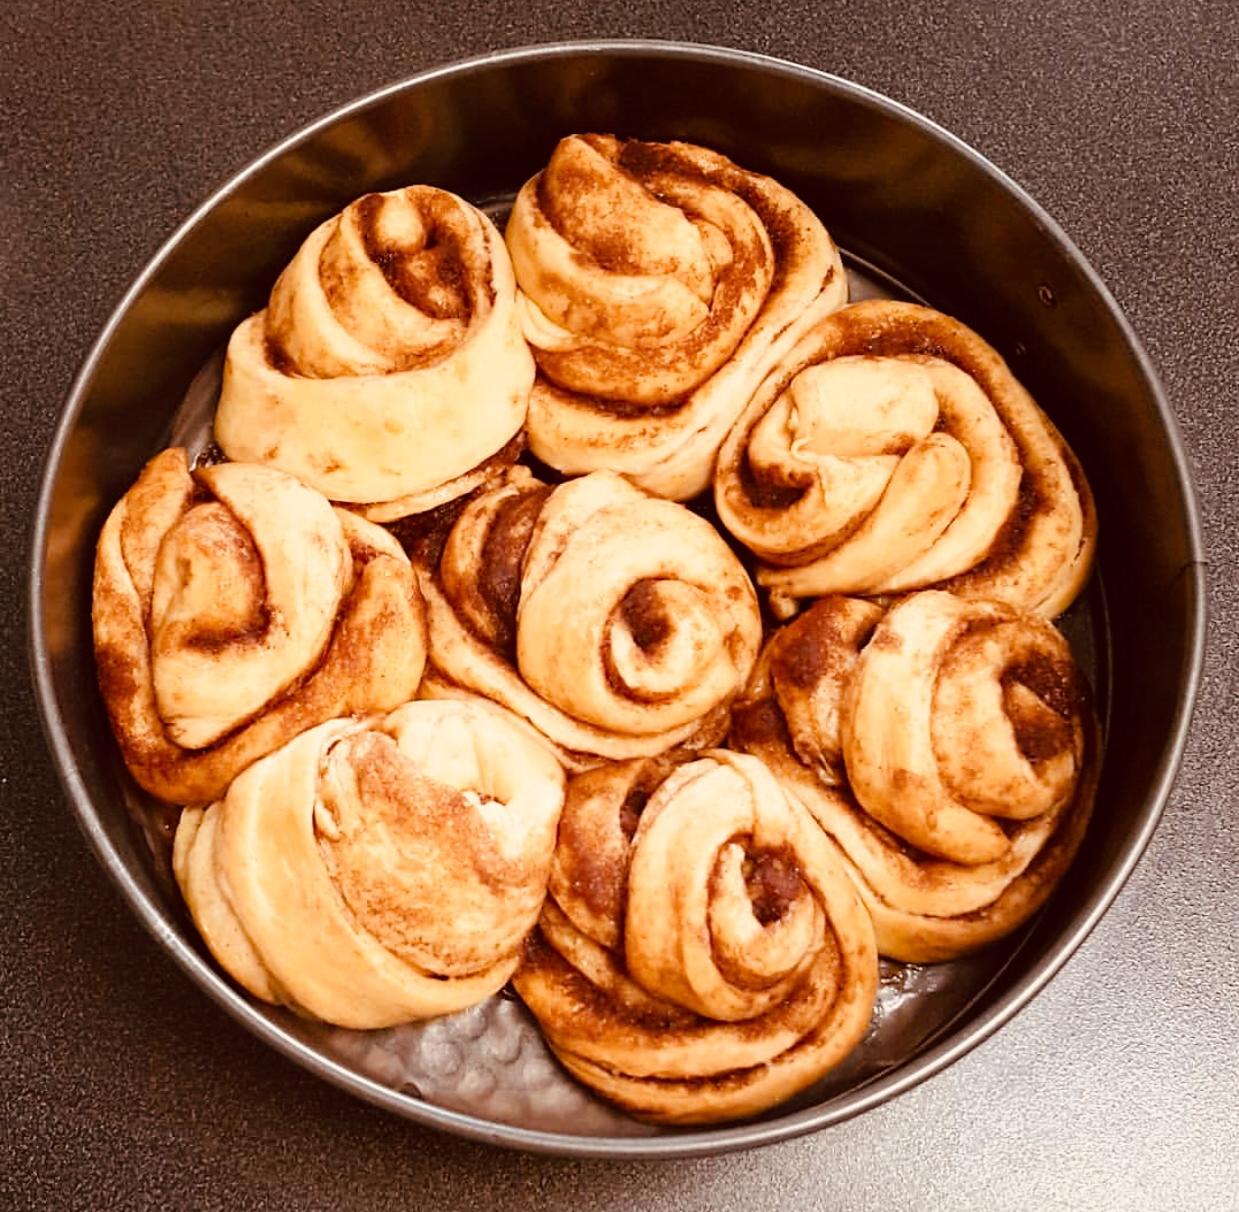 How to make Kanelbullar(Swedish Cinnamon Buns)